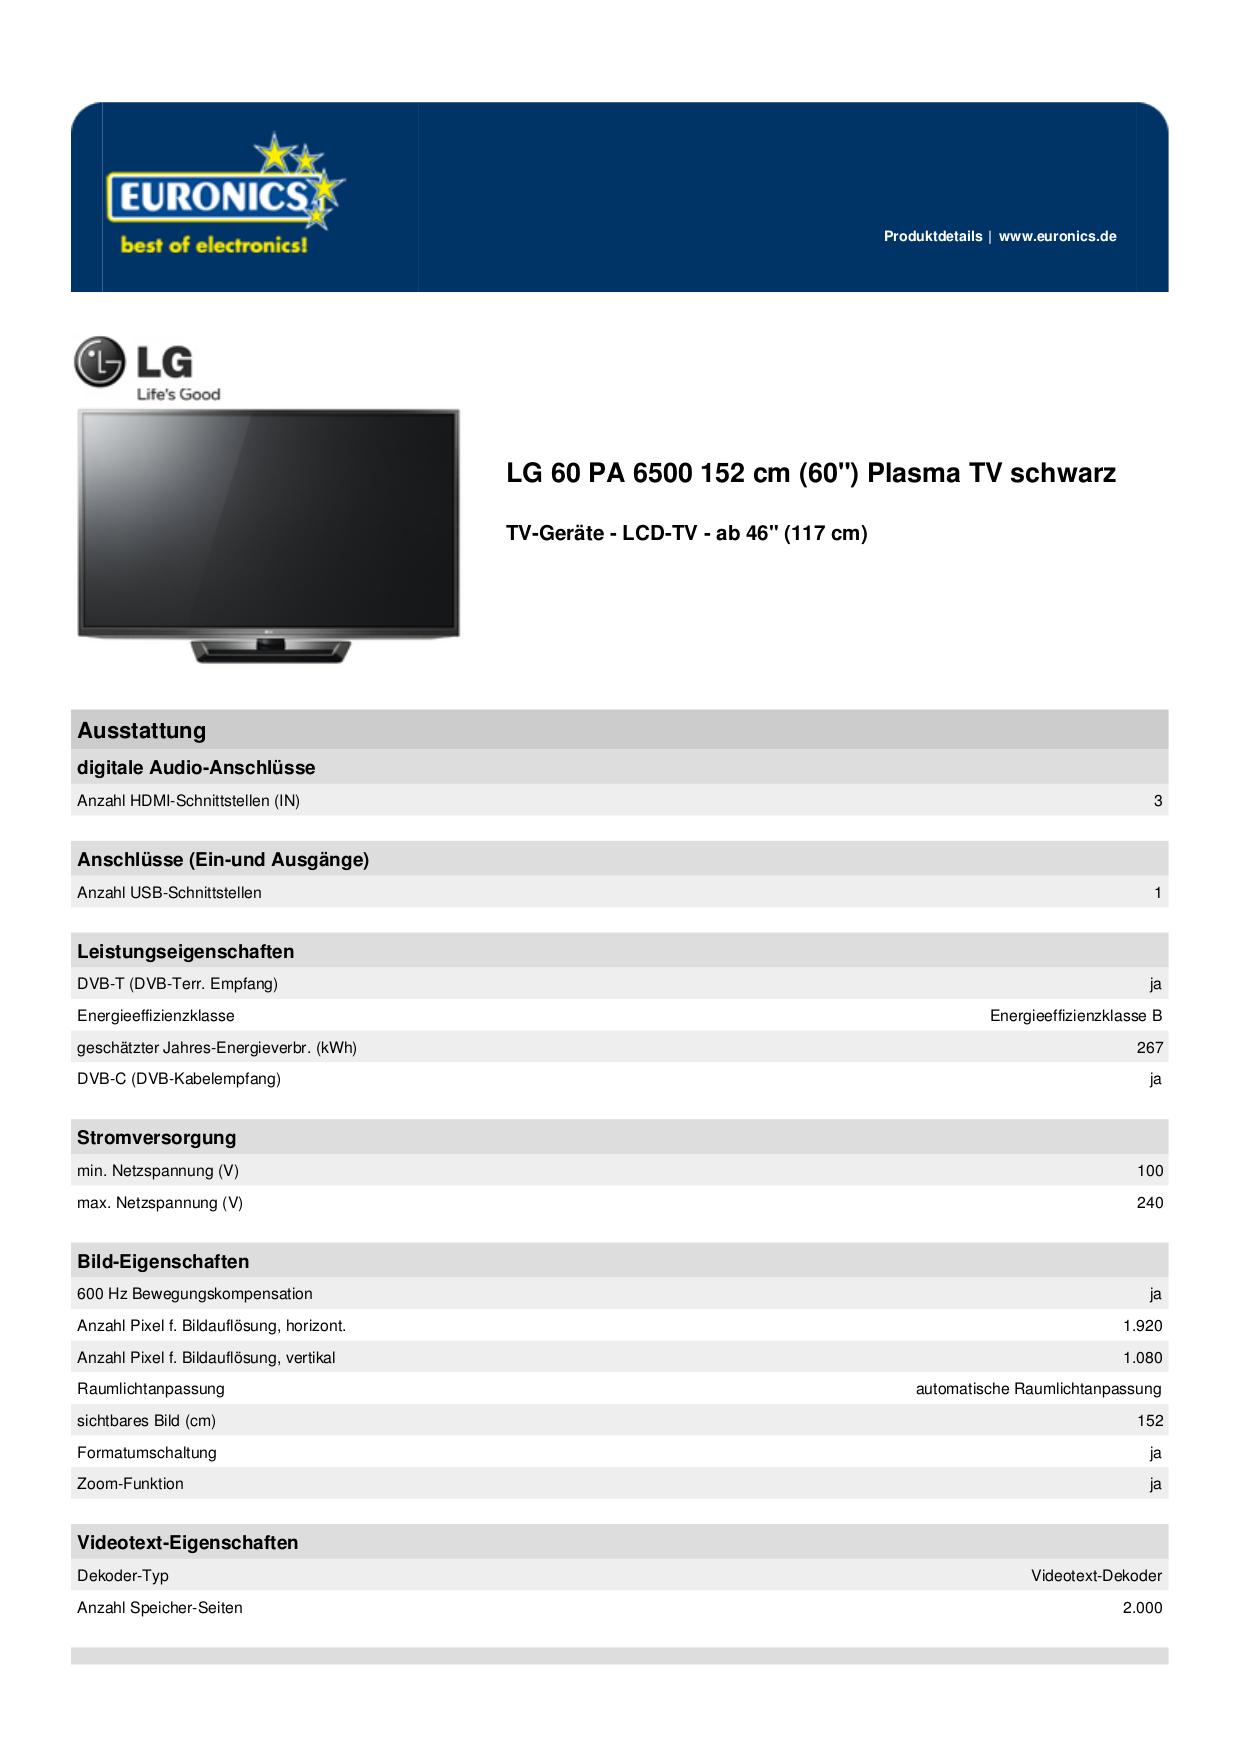 pdf for LG TV LG60 manual